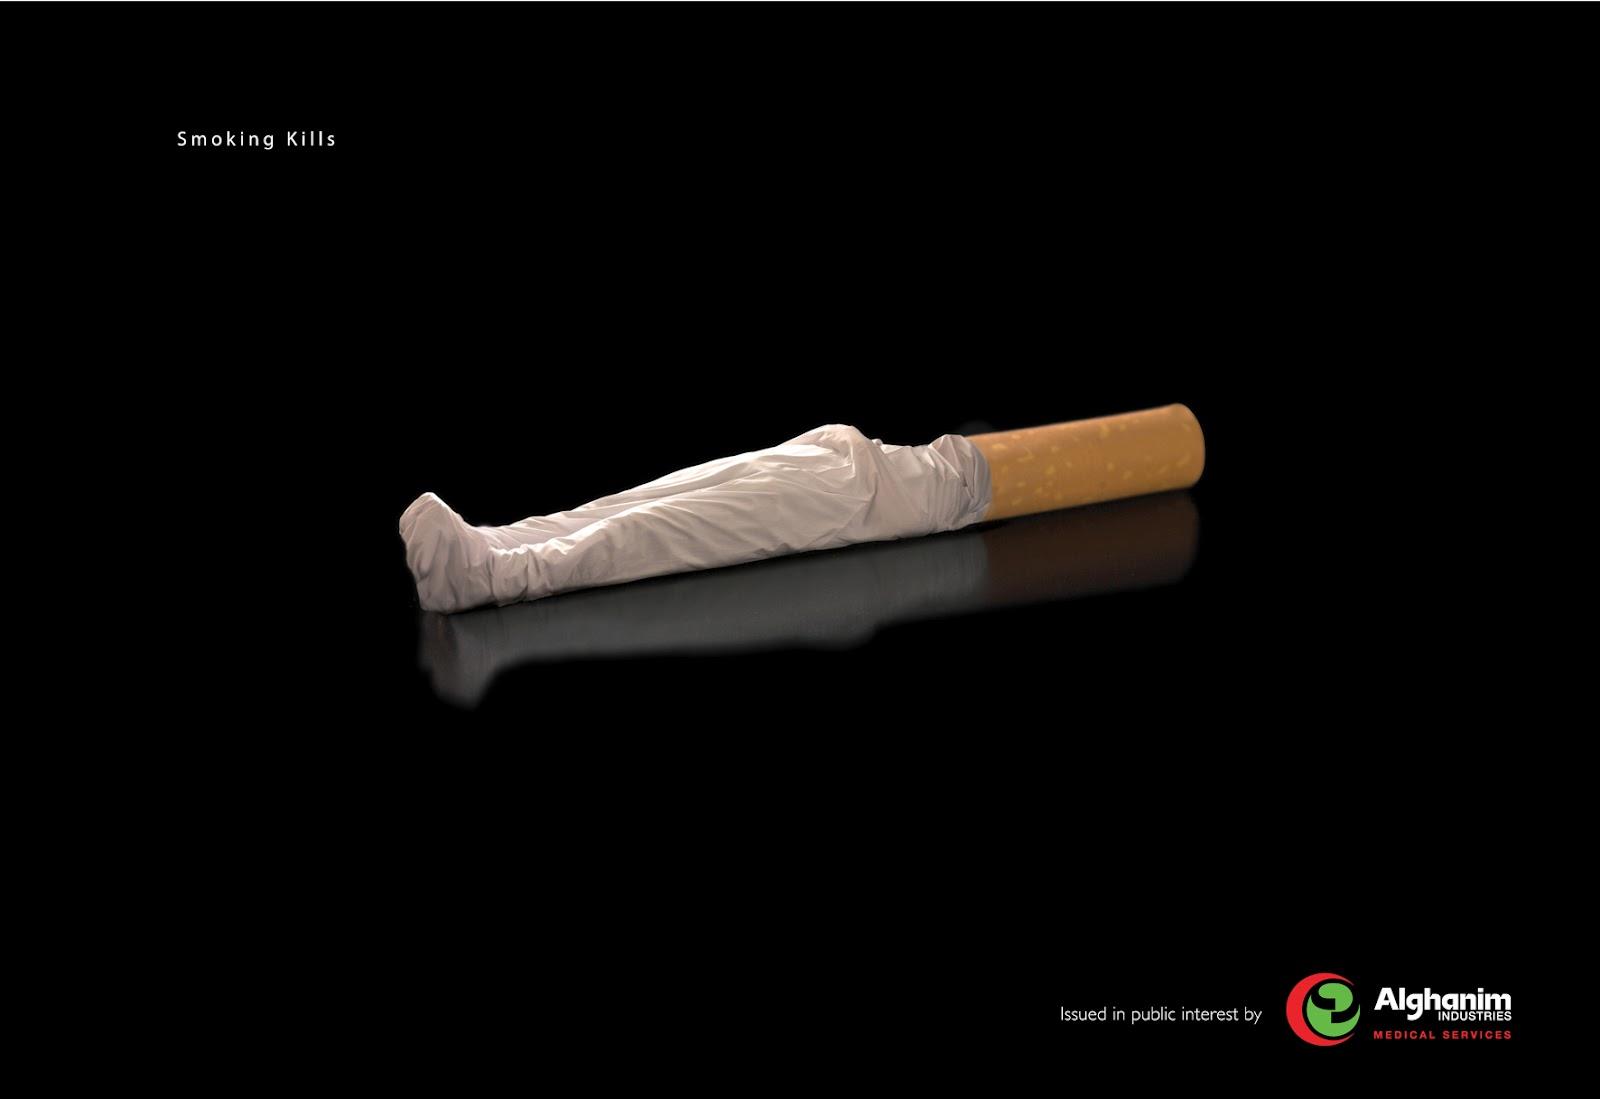 Allen una penalità un modo facile di smettere di fumare un torrente